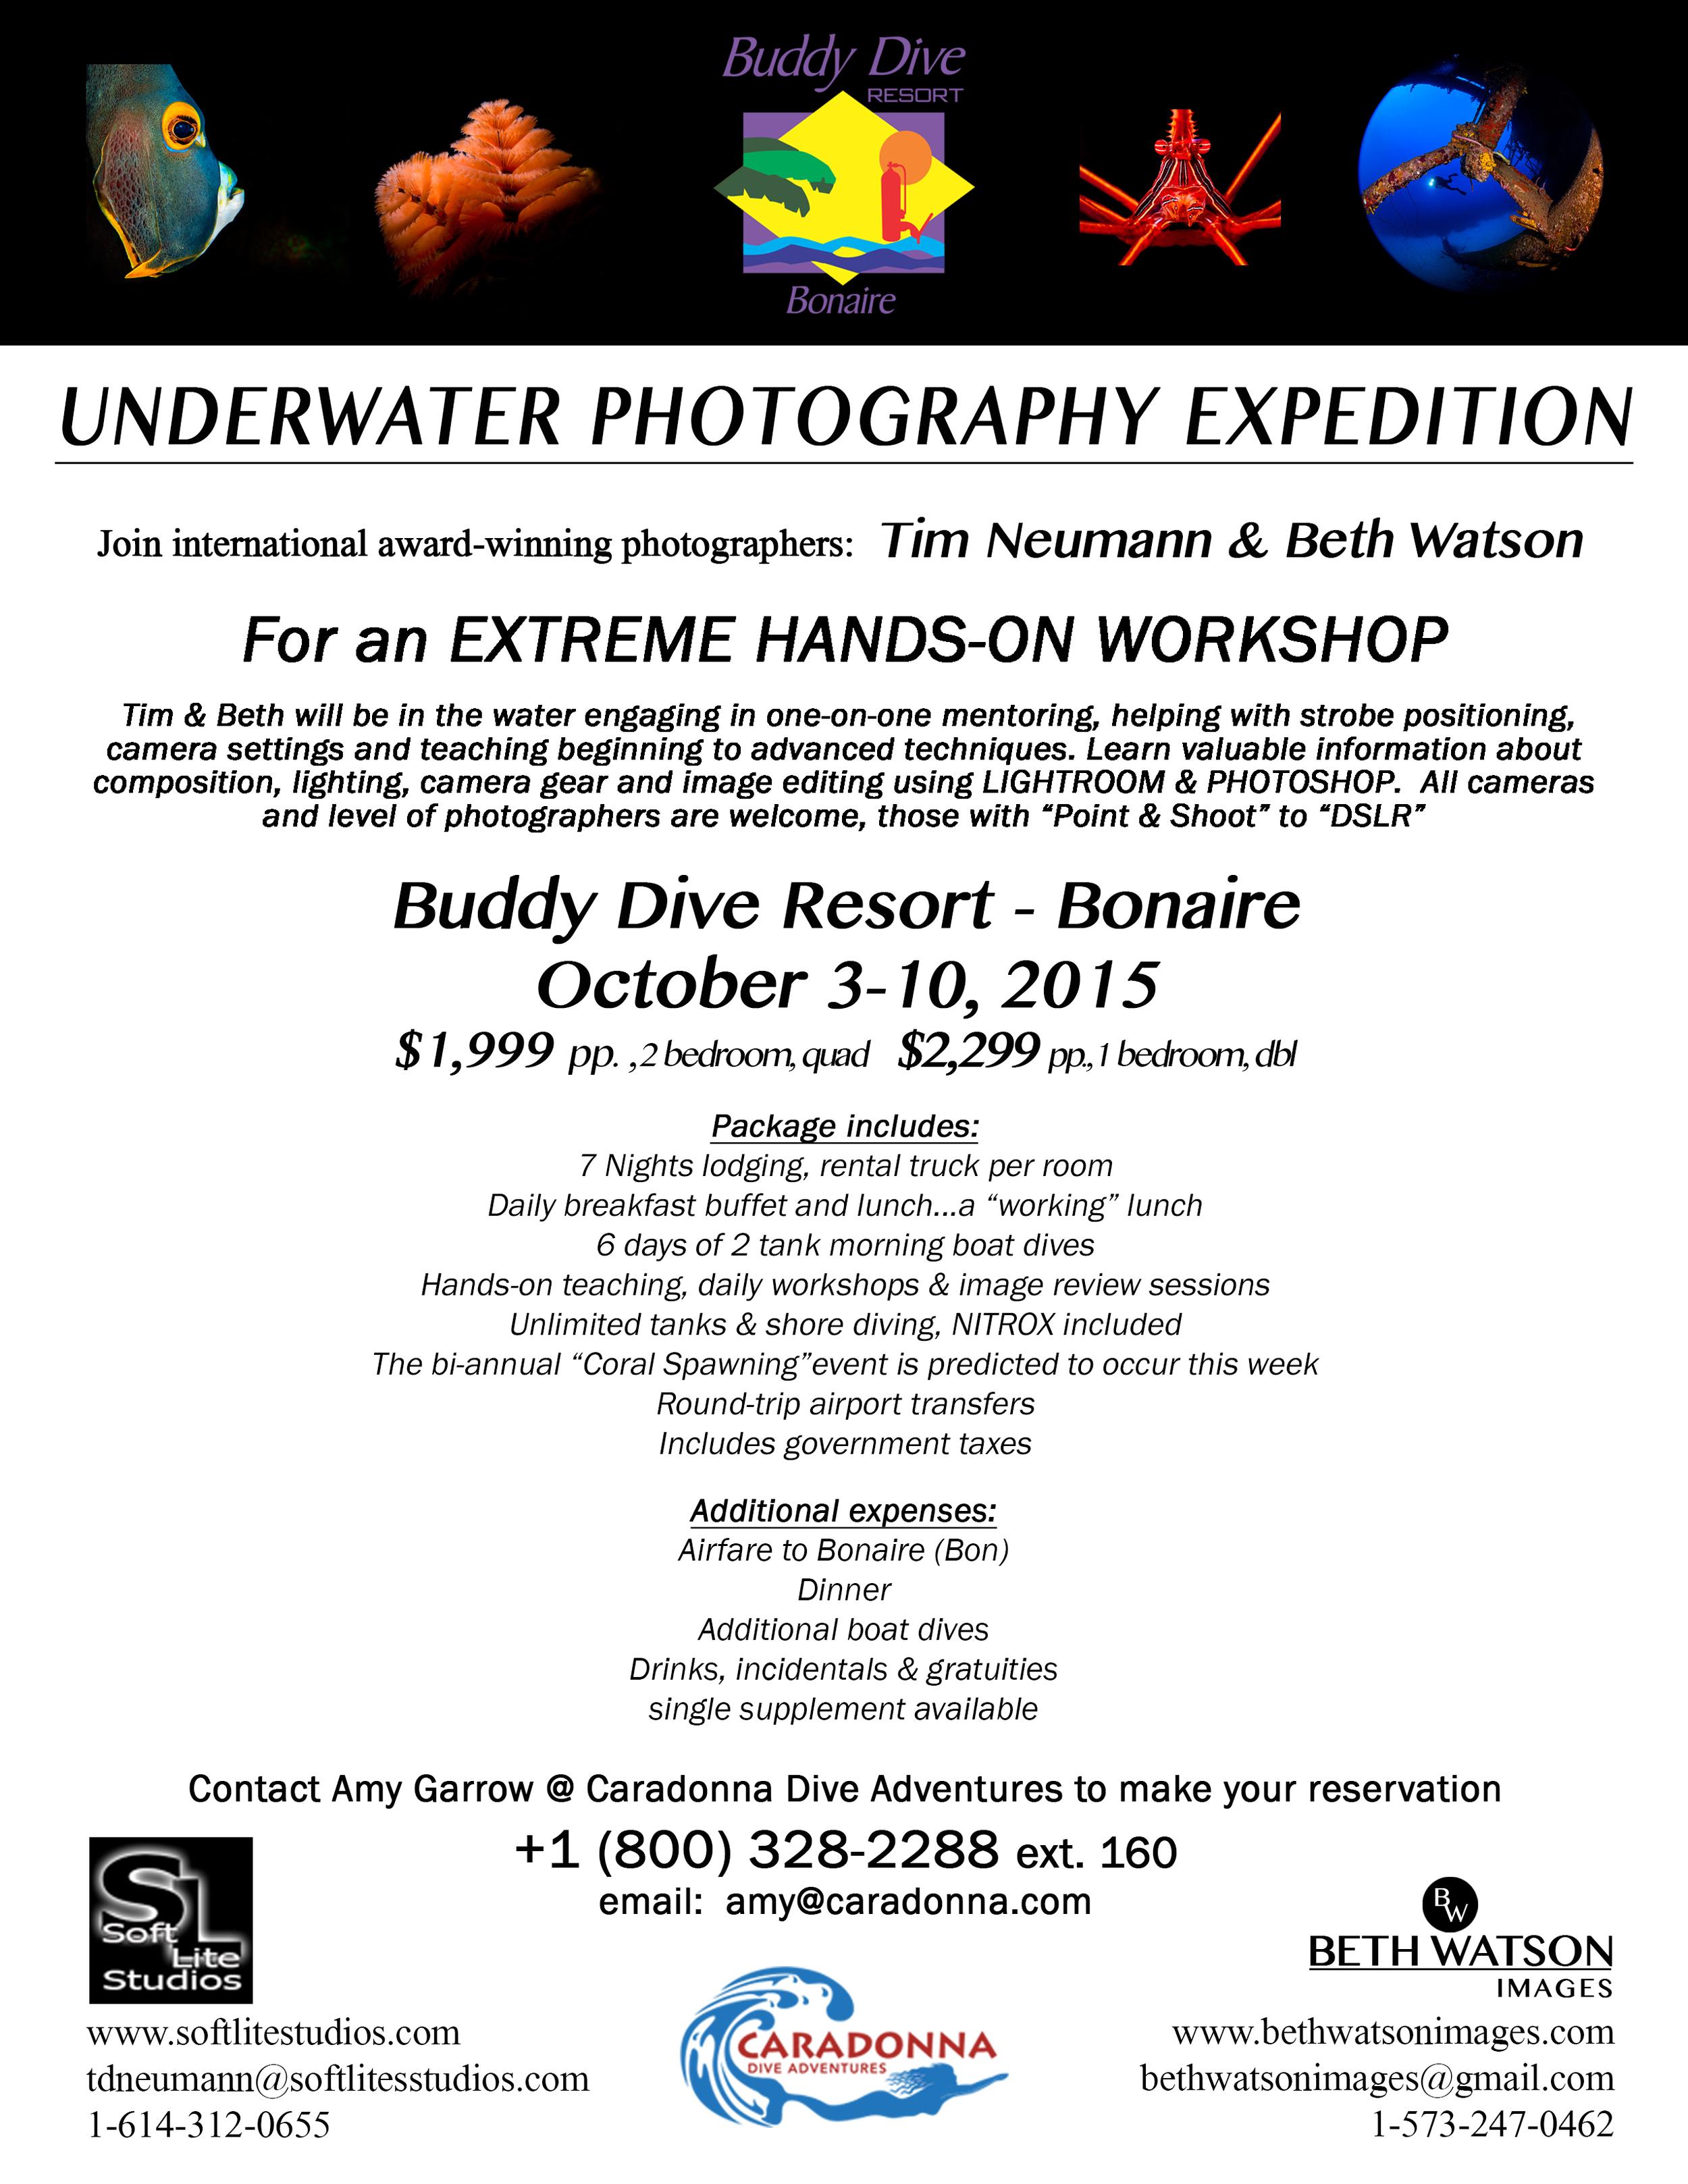 Bonaire_Caradonna_flyer#1 (Beth Watson's conflicted copy 2015-04-12).jpg